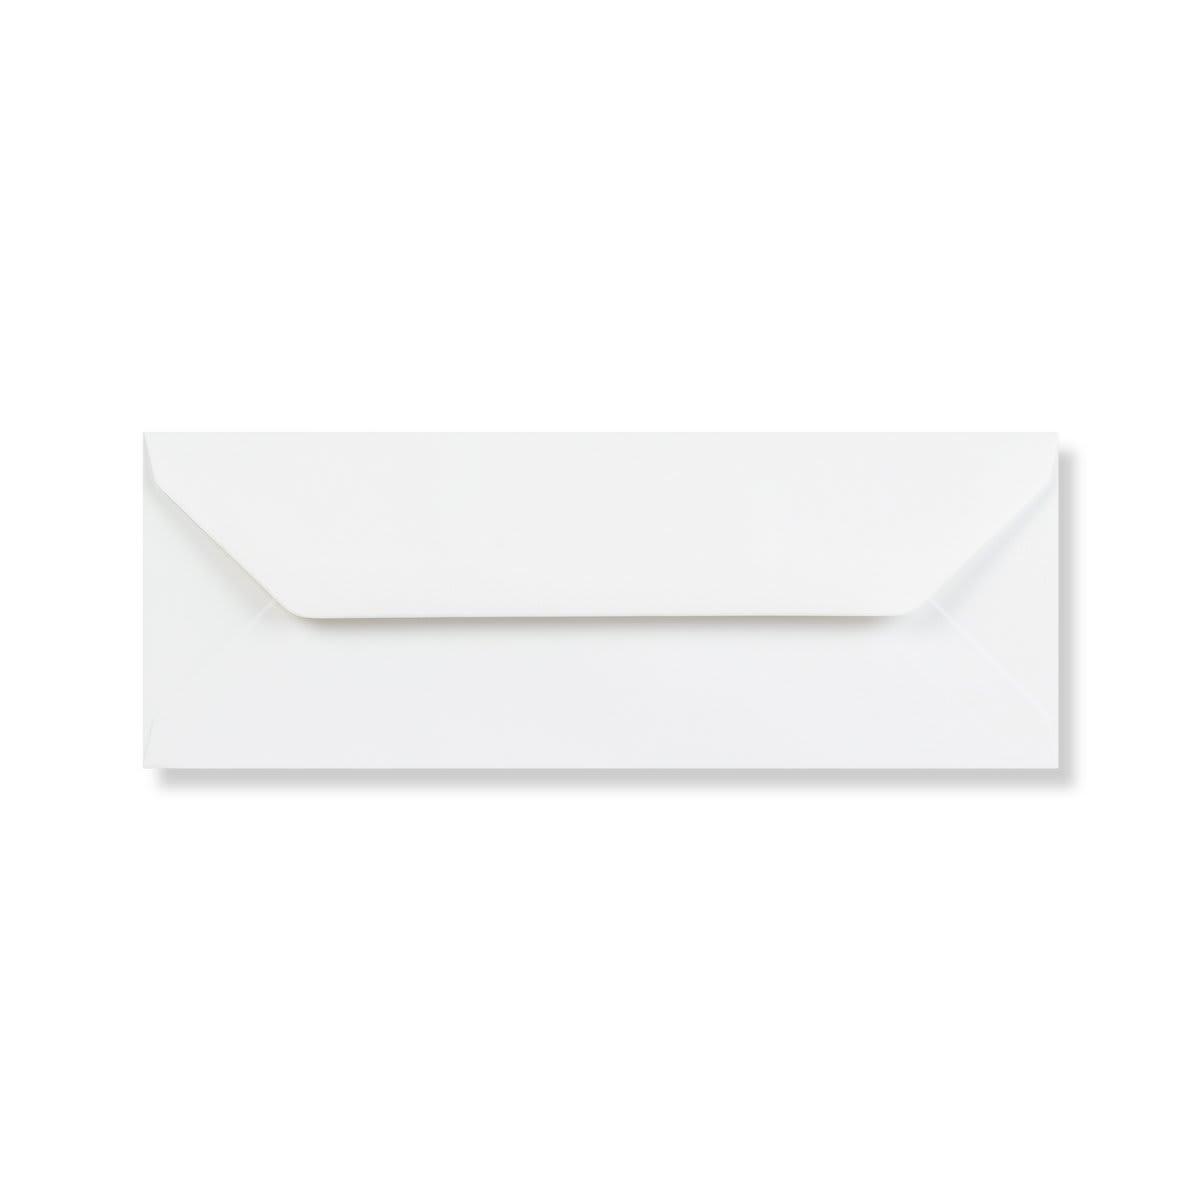 WHITE 80 x 215 mm ENVELOPES (i3)